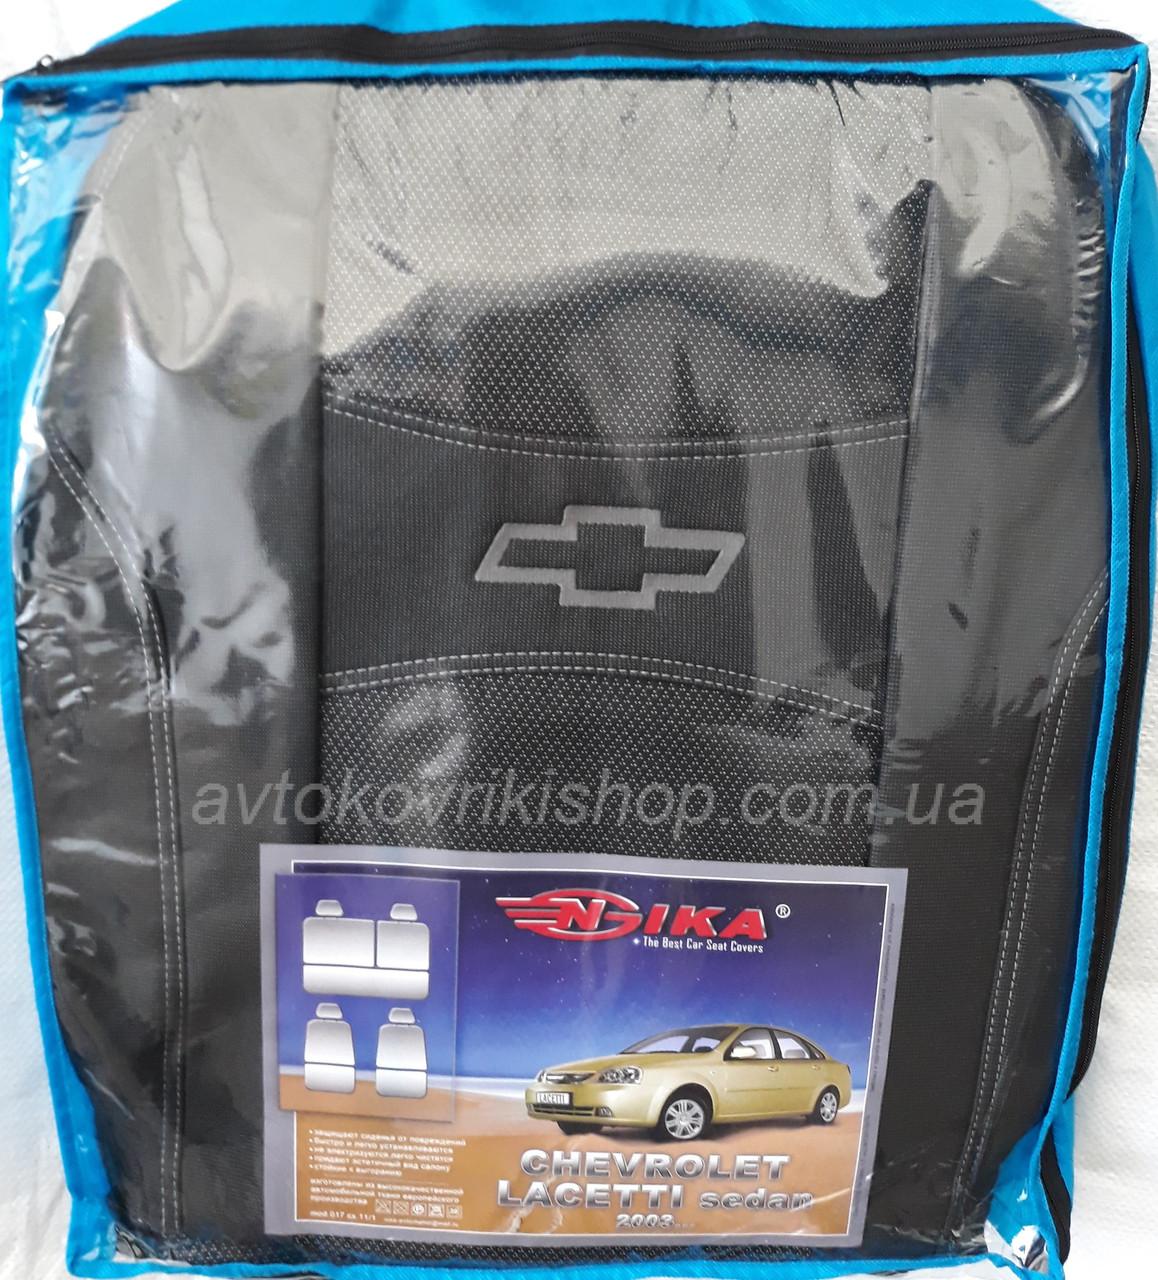 Автомобильные чехлы Chevrolet Lacetti 2003- (sedan) (тёмно-серые) Nika